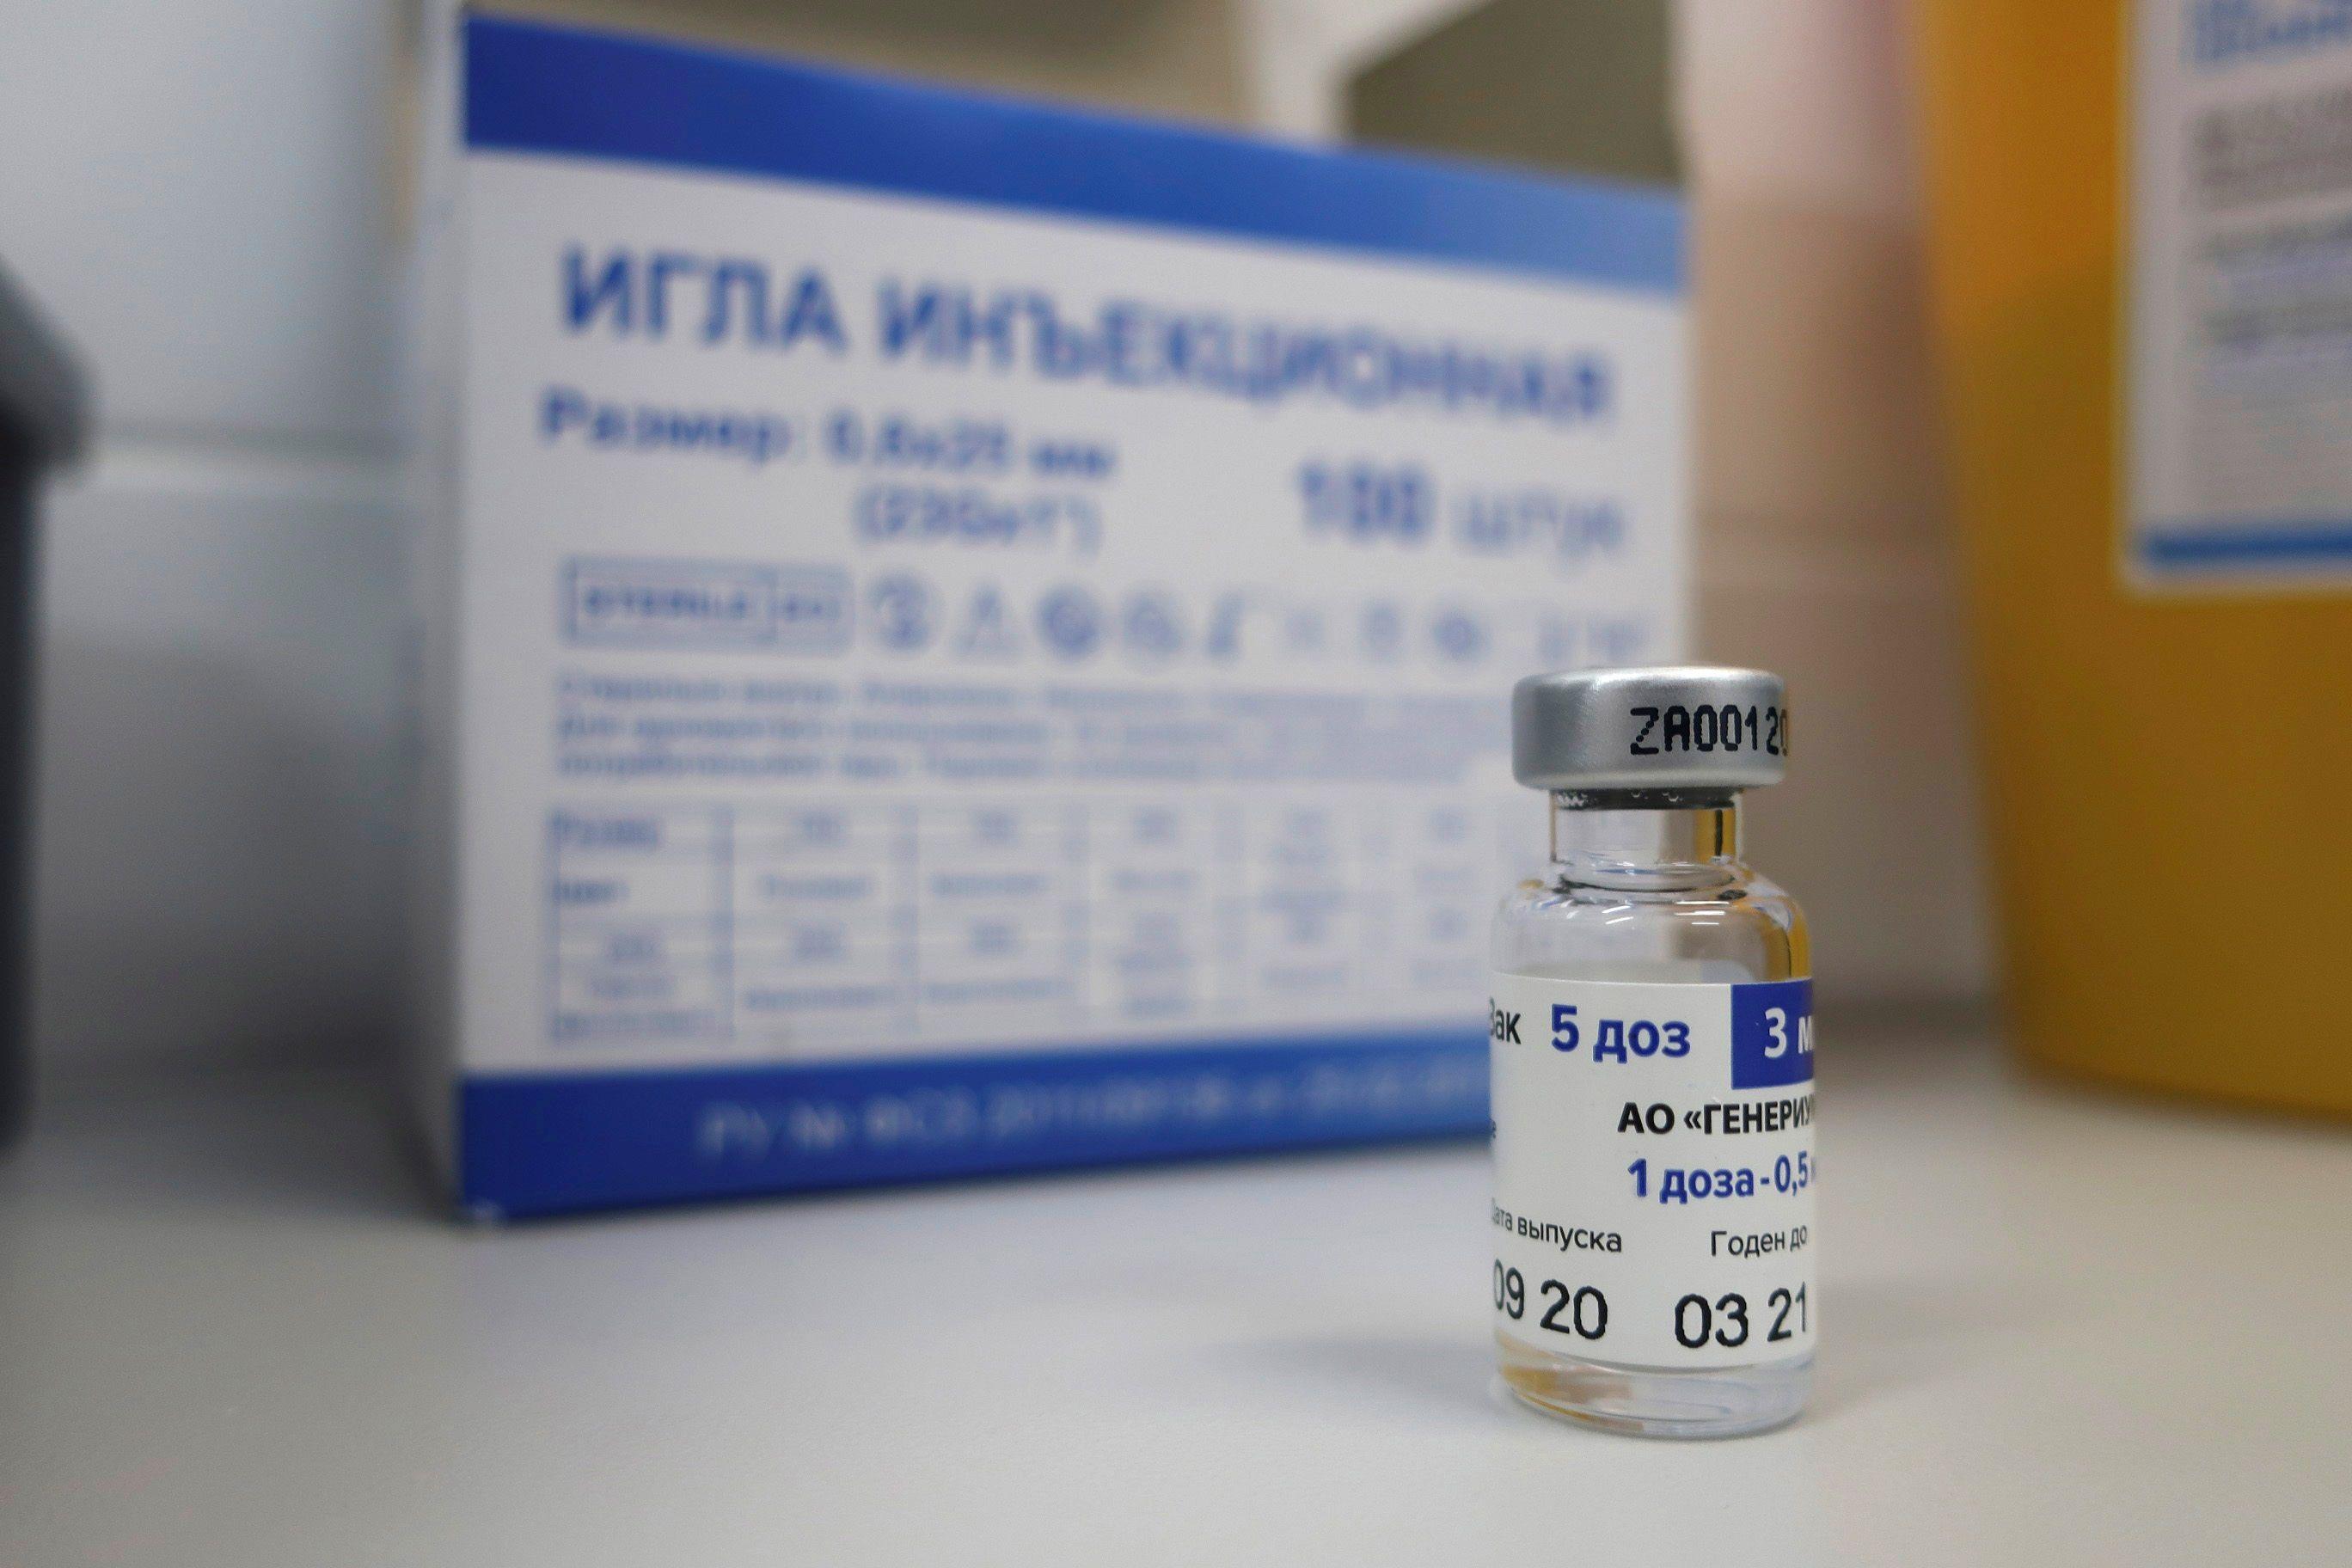 El desarrollador ruso informó que la vacuna Sputnik V es efectiva ante la nueva cepa del coronavirus detectada en el Reino Unido (EFE/ Ignacio Ortega)